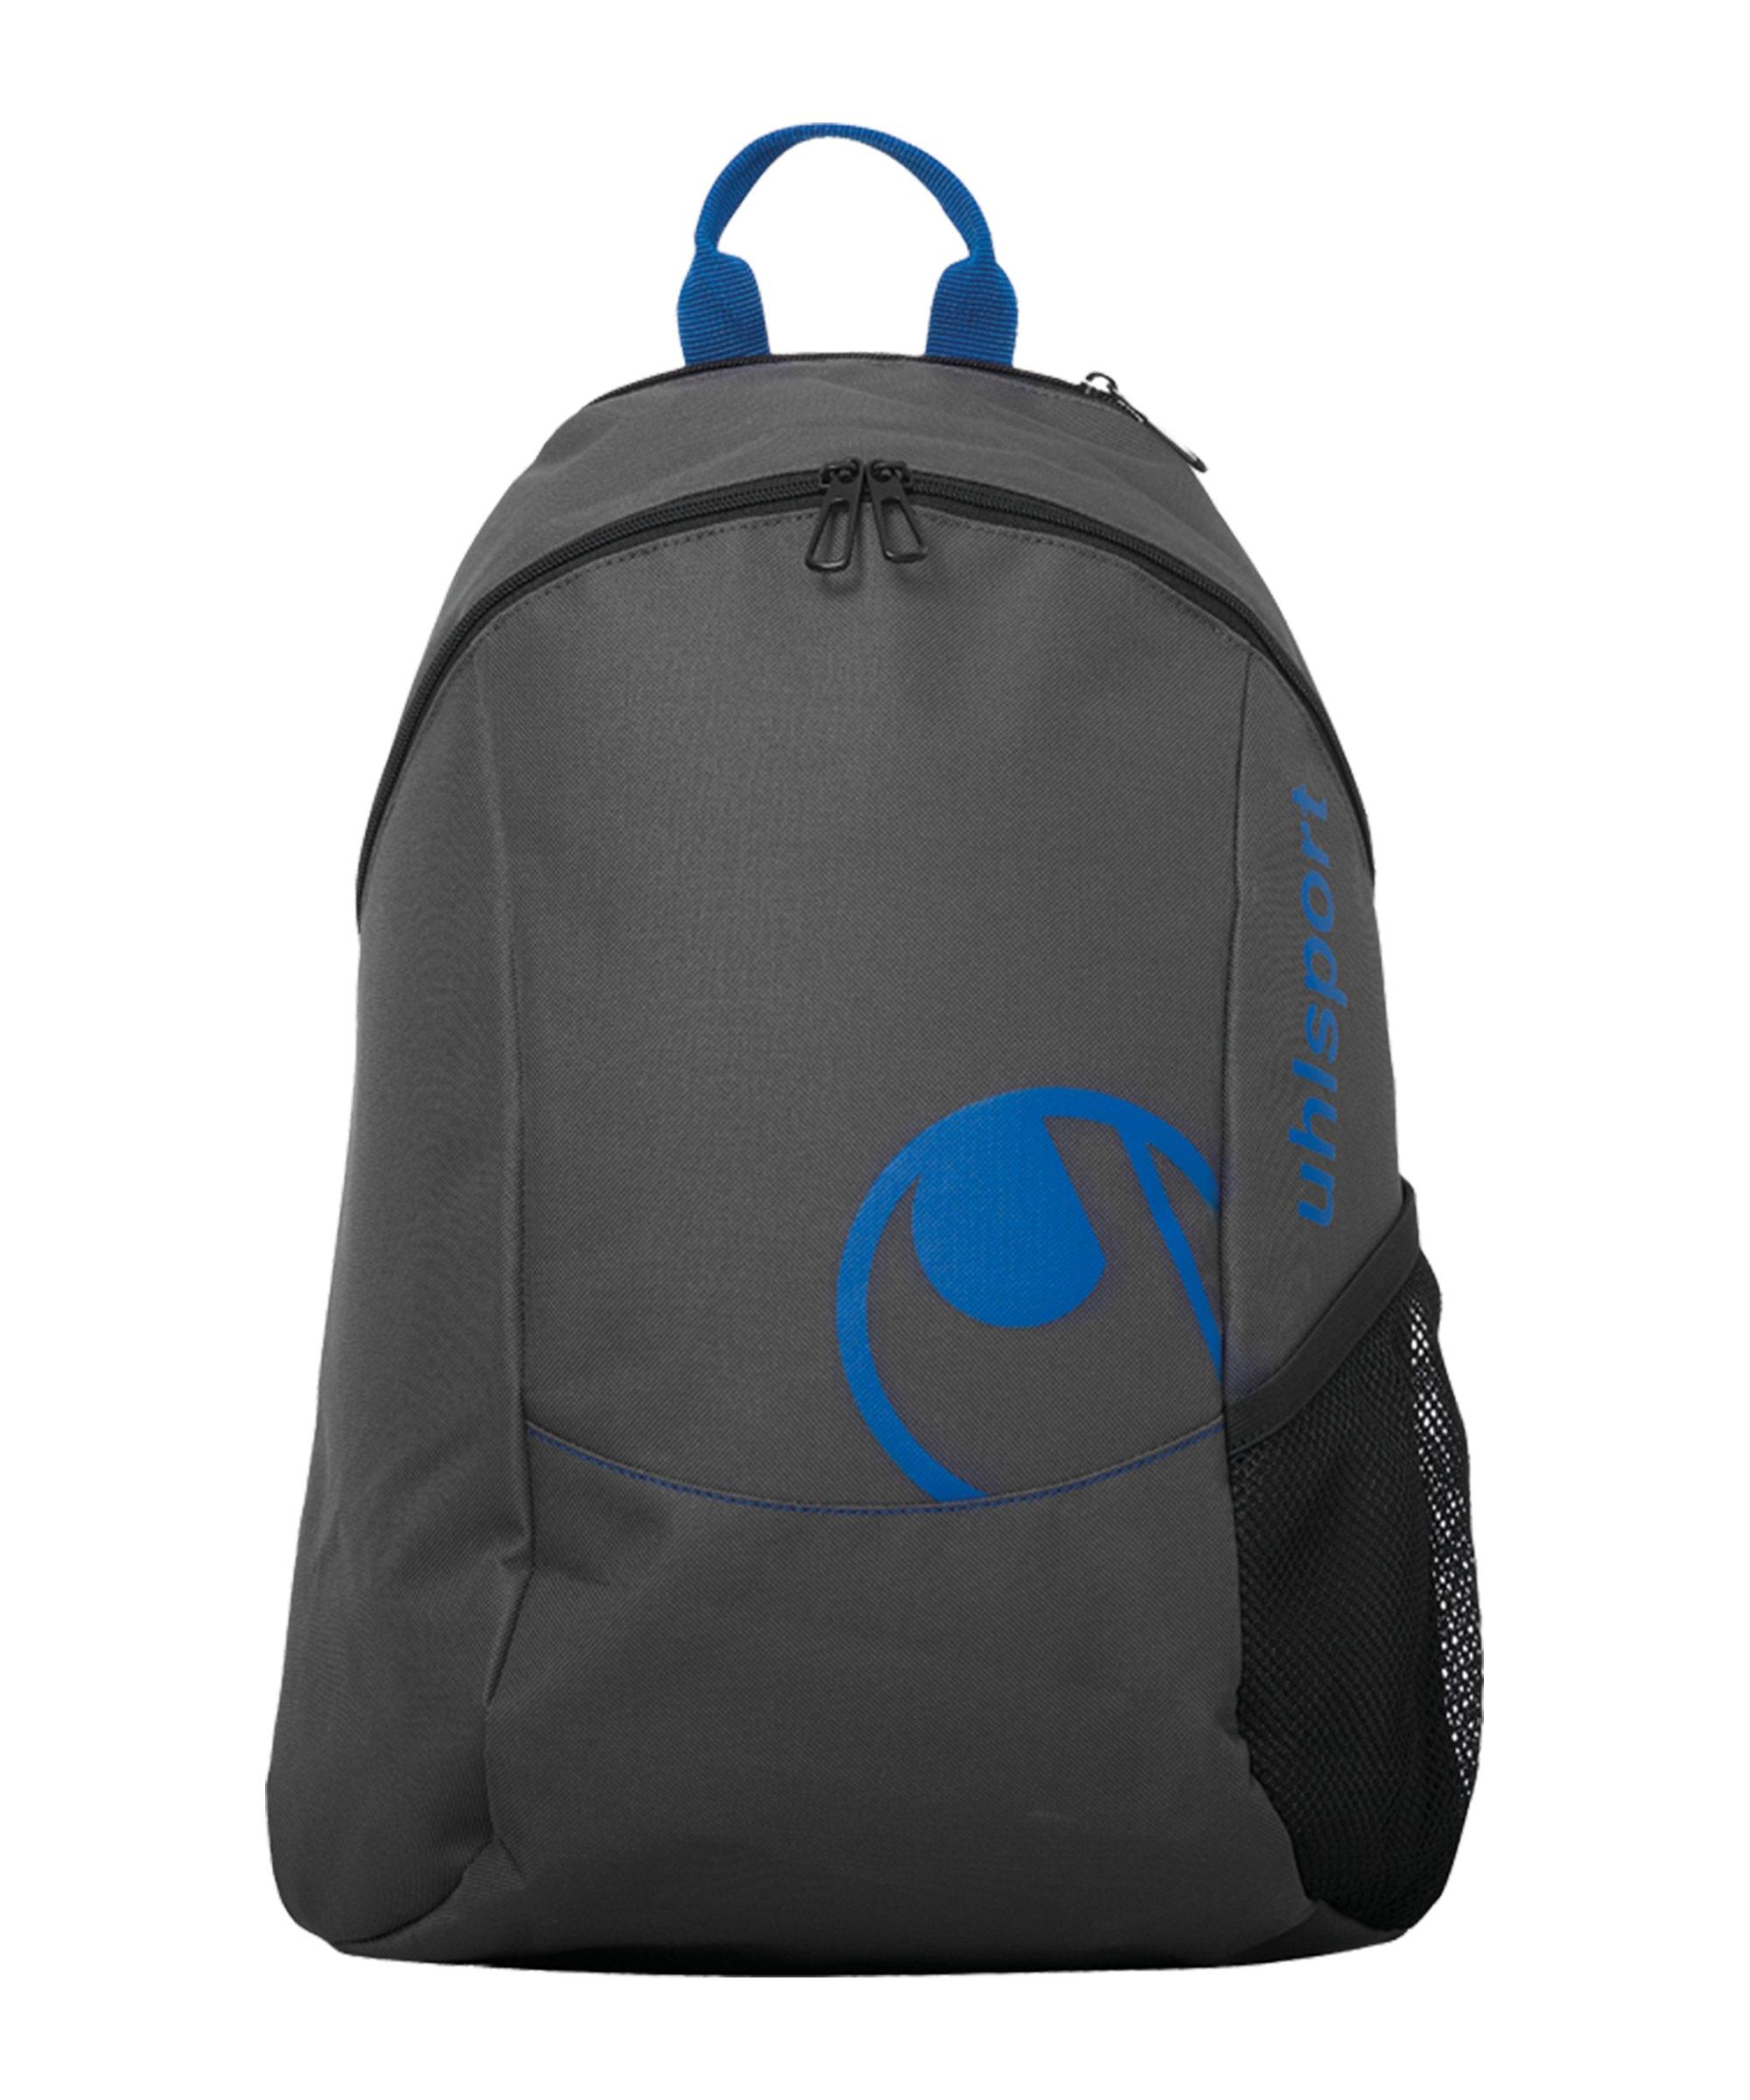 Uhlsport Essential Rucksack Grau Blau F02 - grau